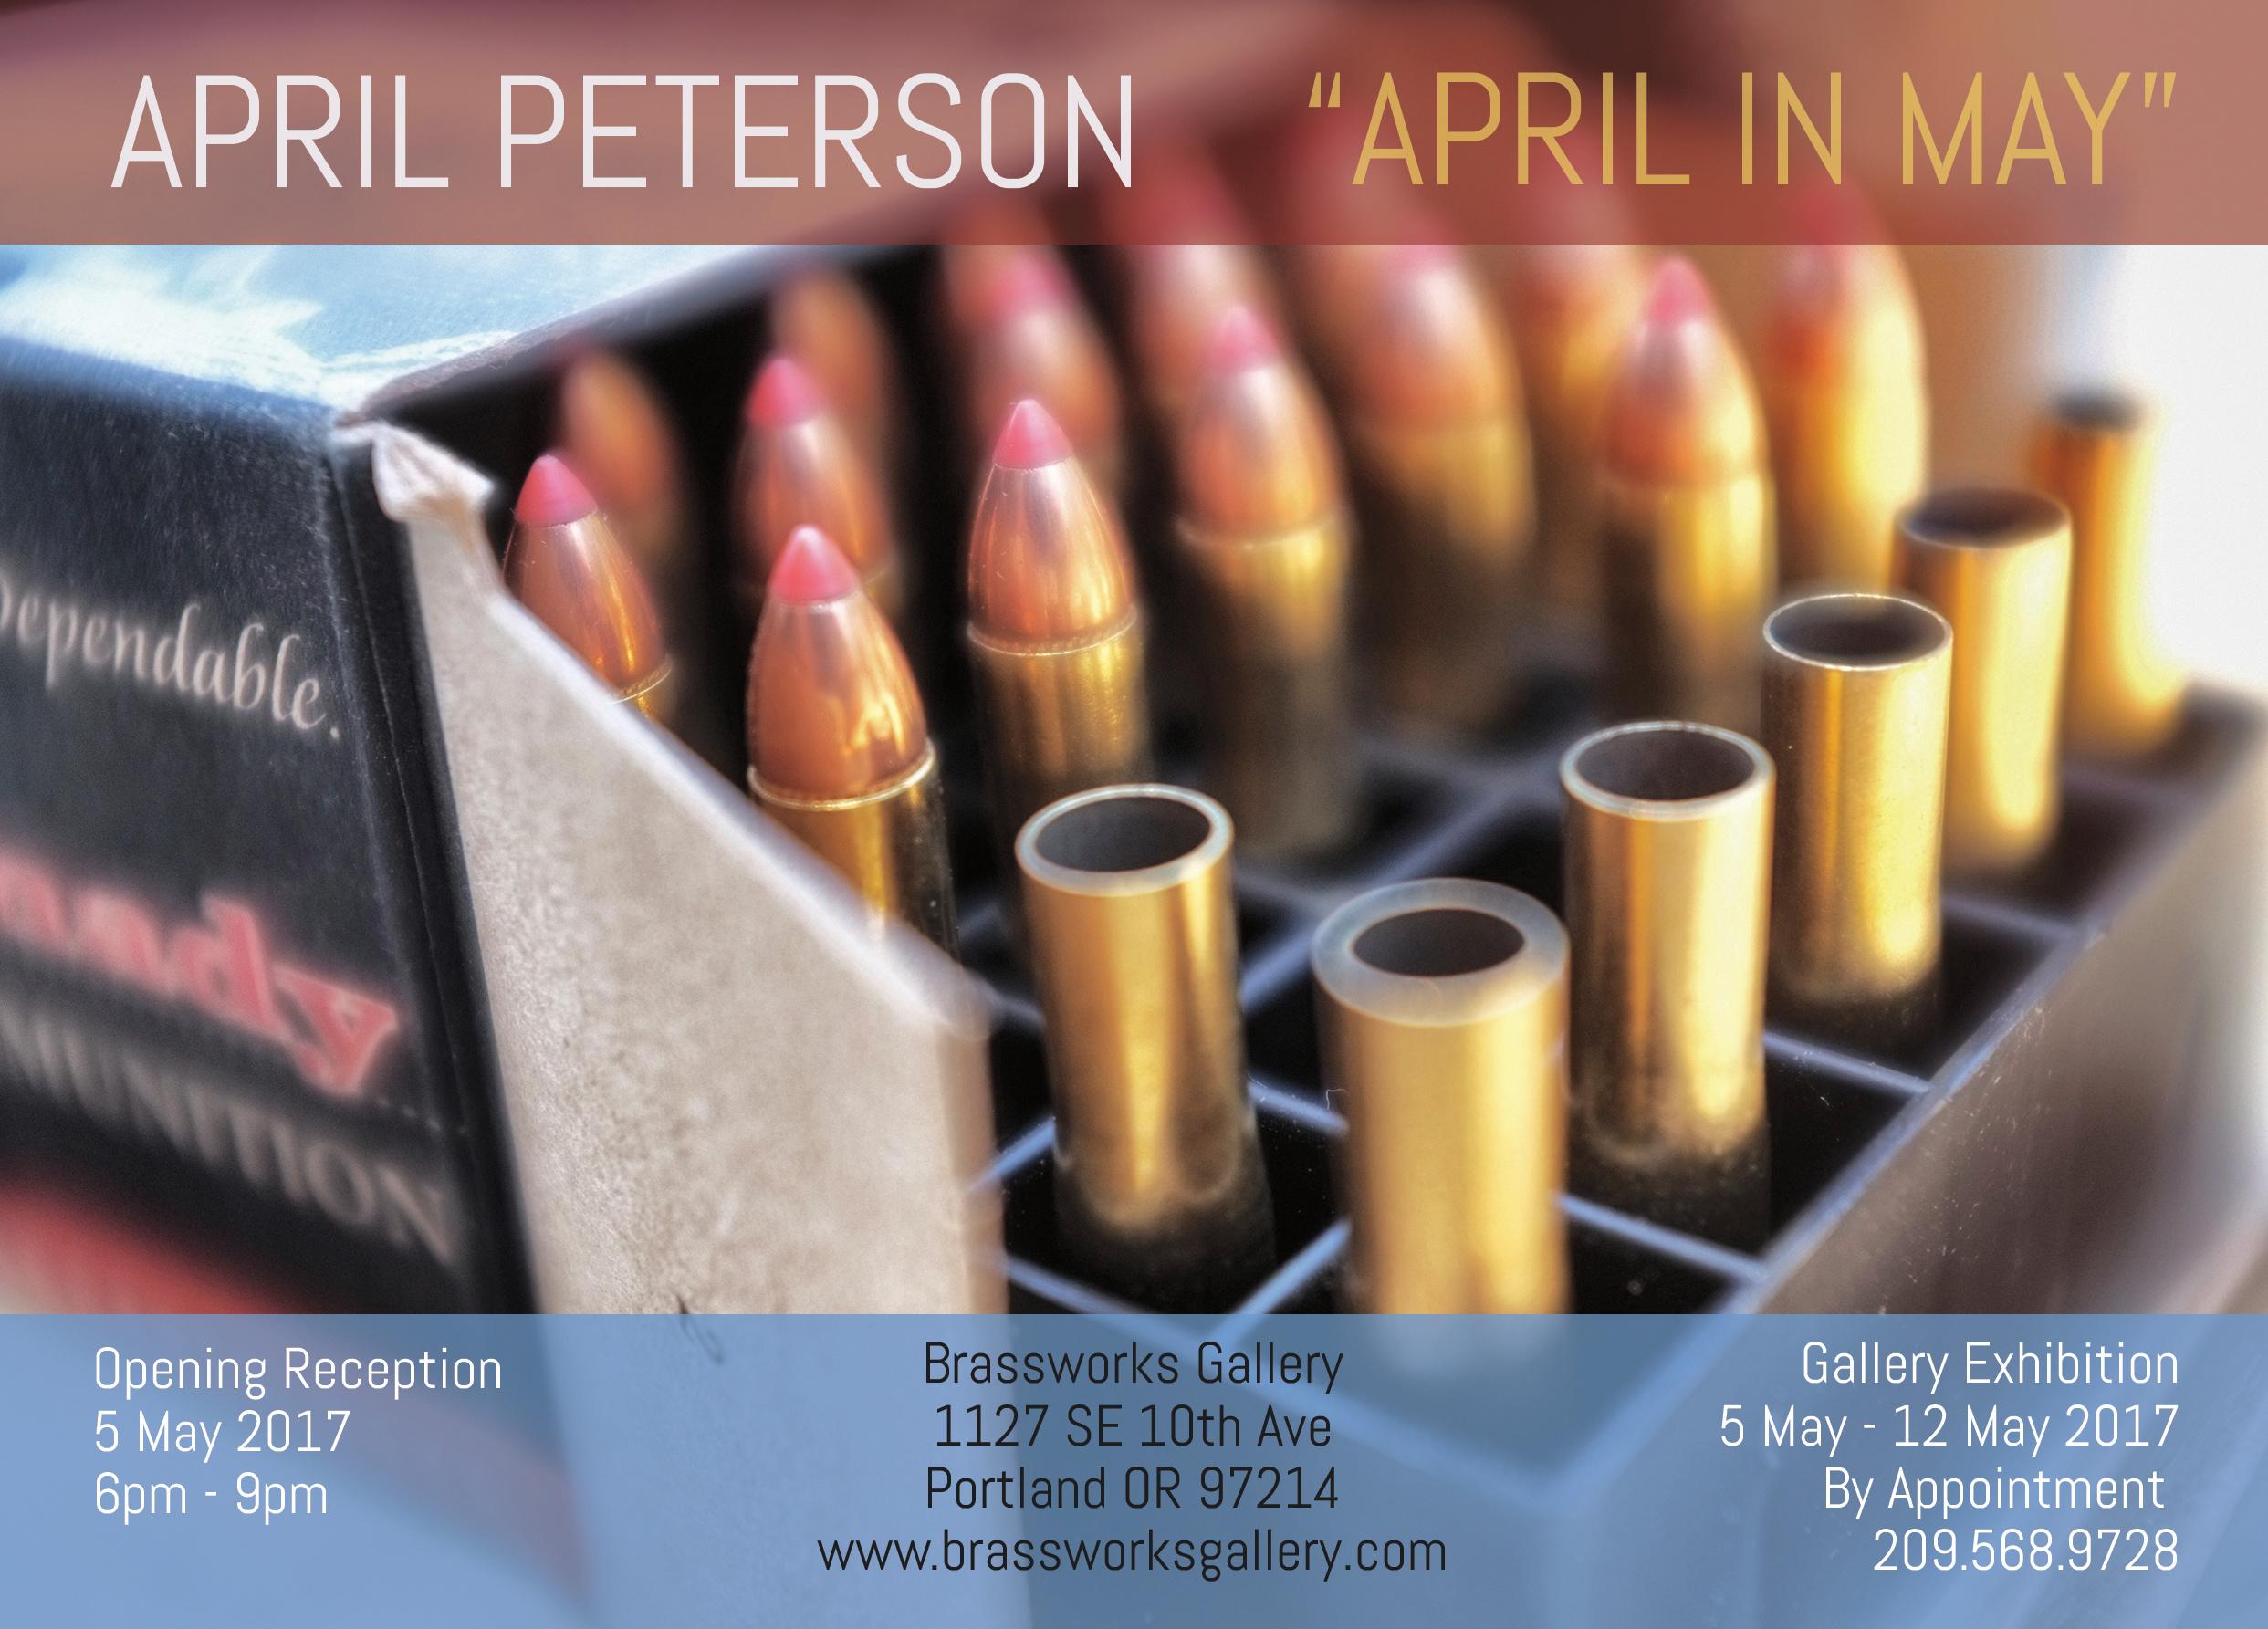 AprilPetersonPostcardFront